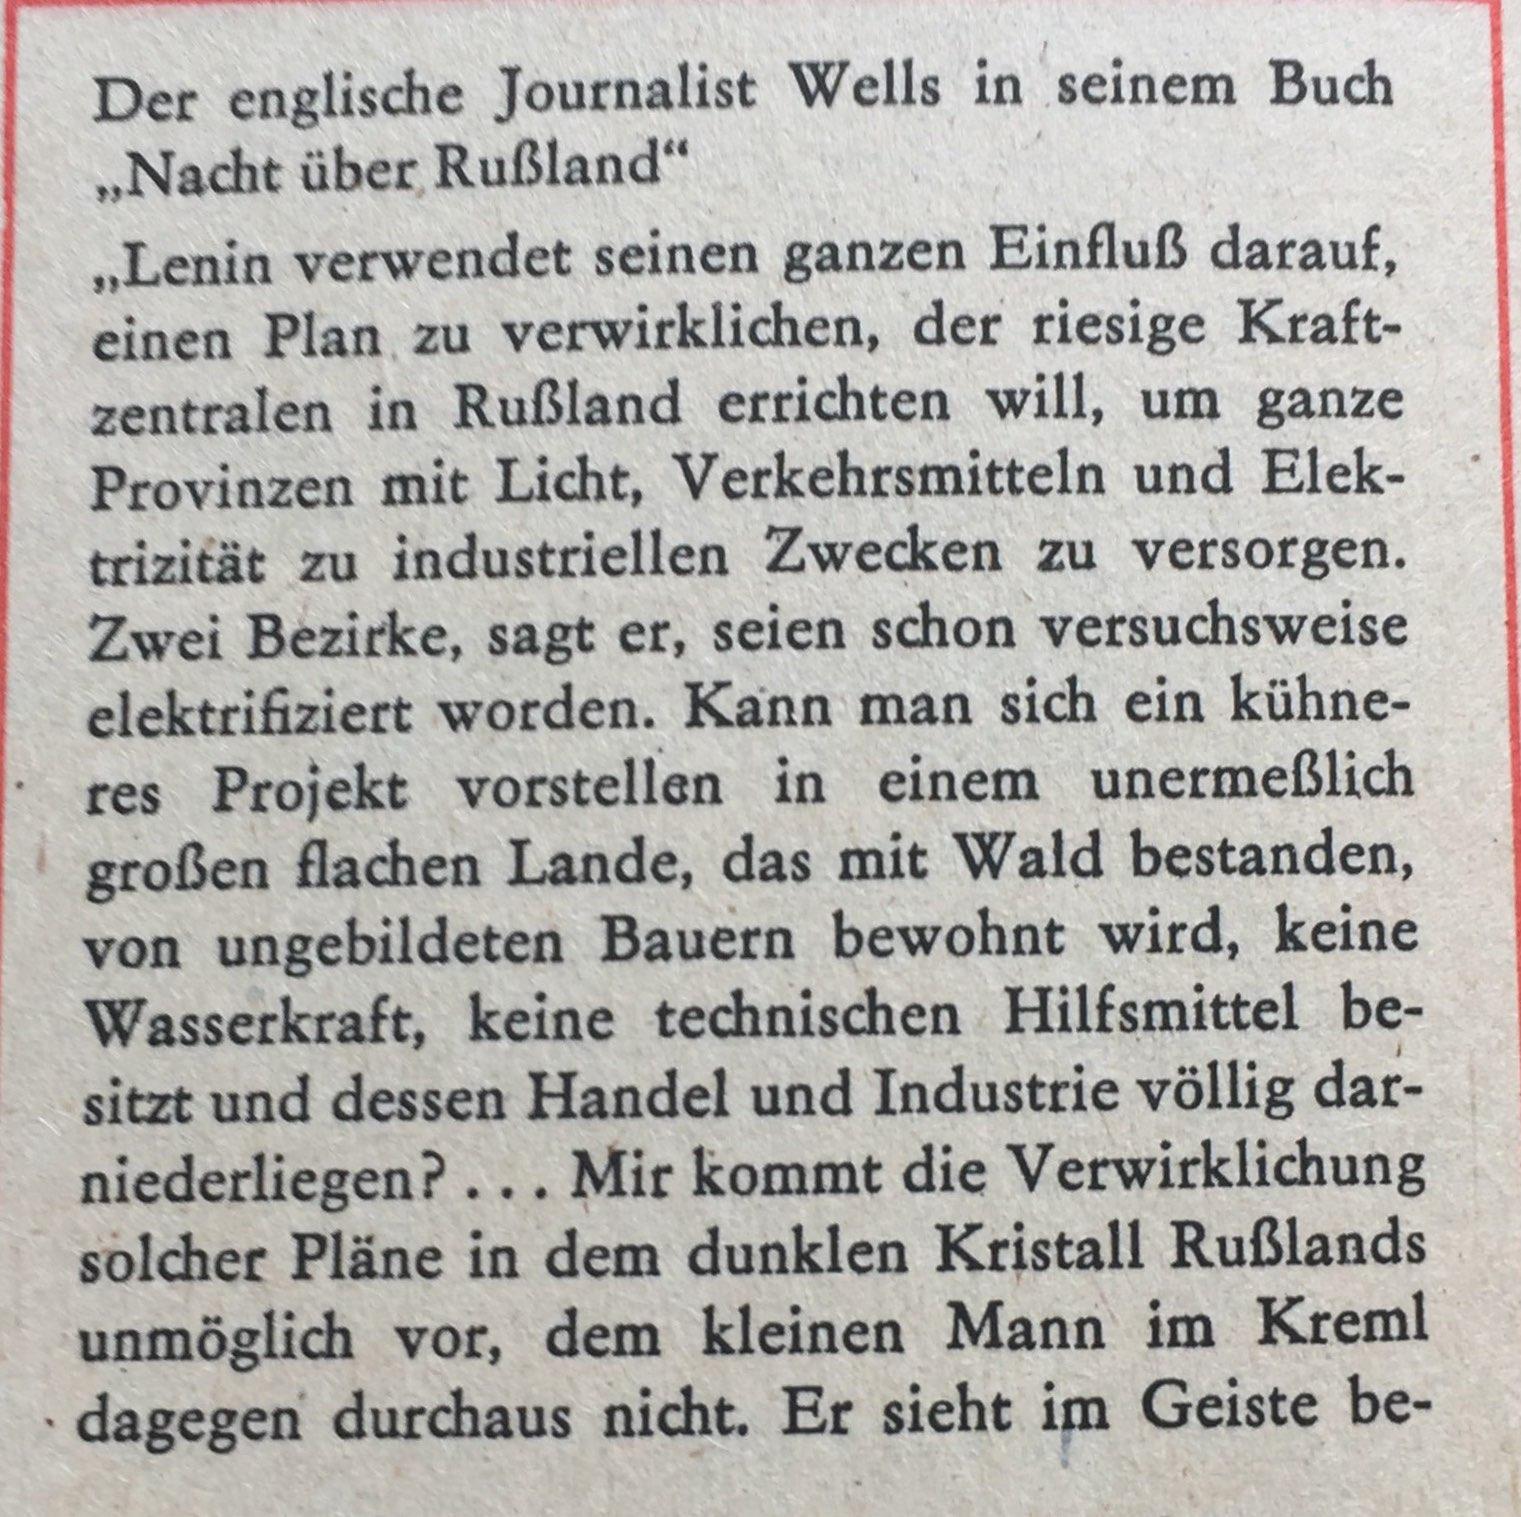 aus Buch von Wells